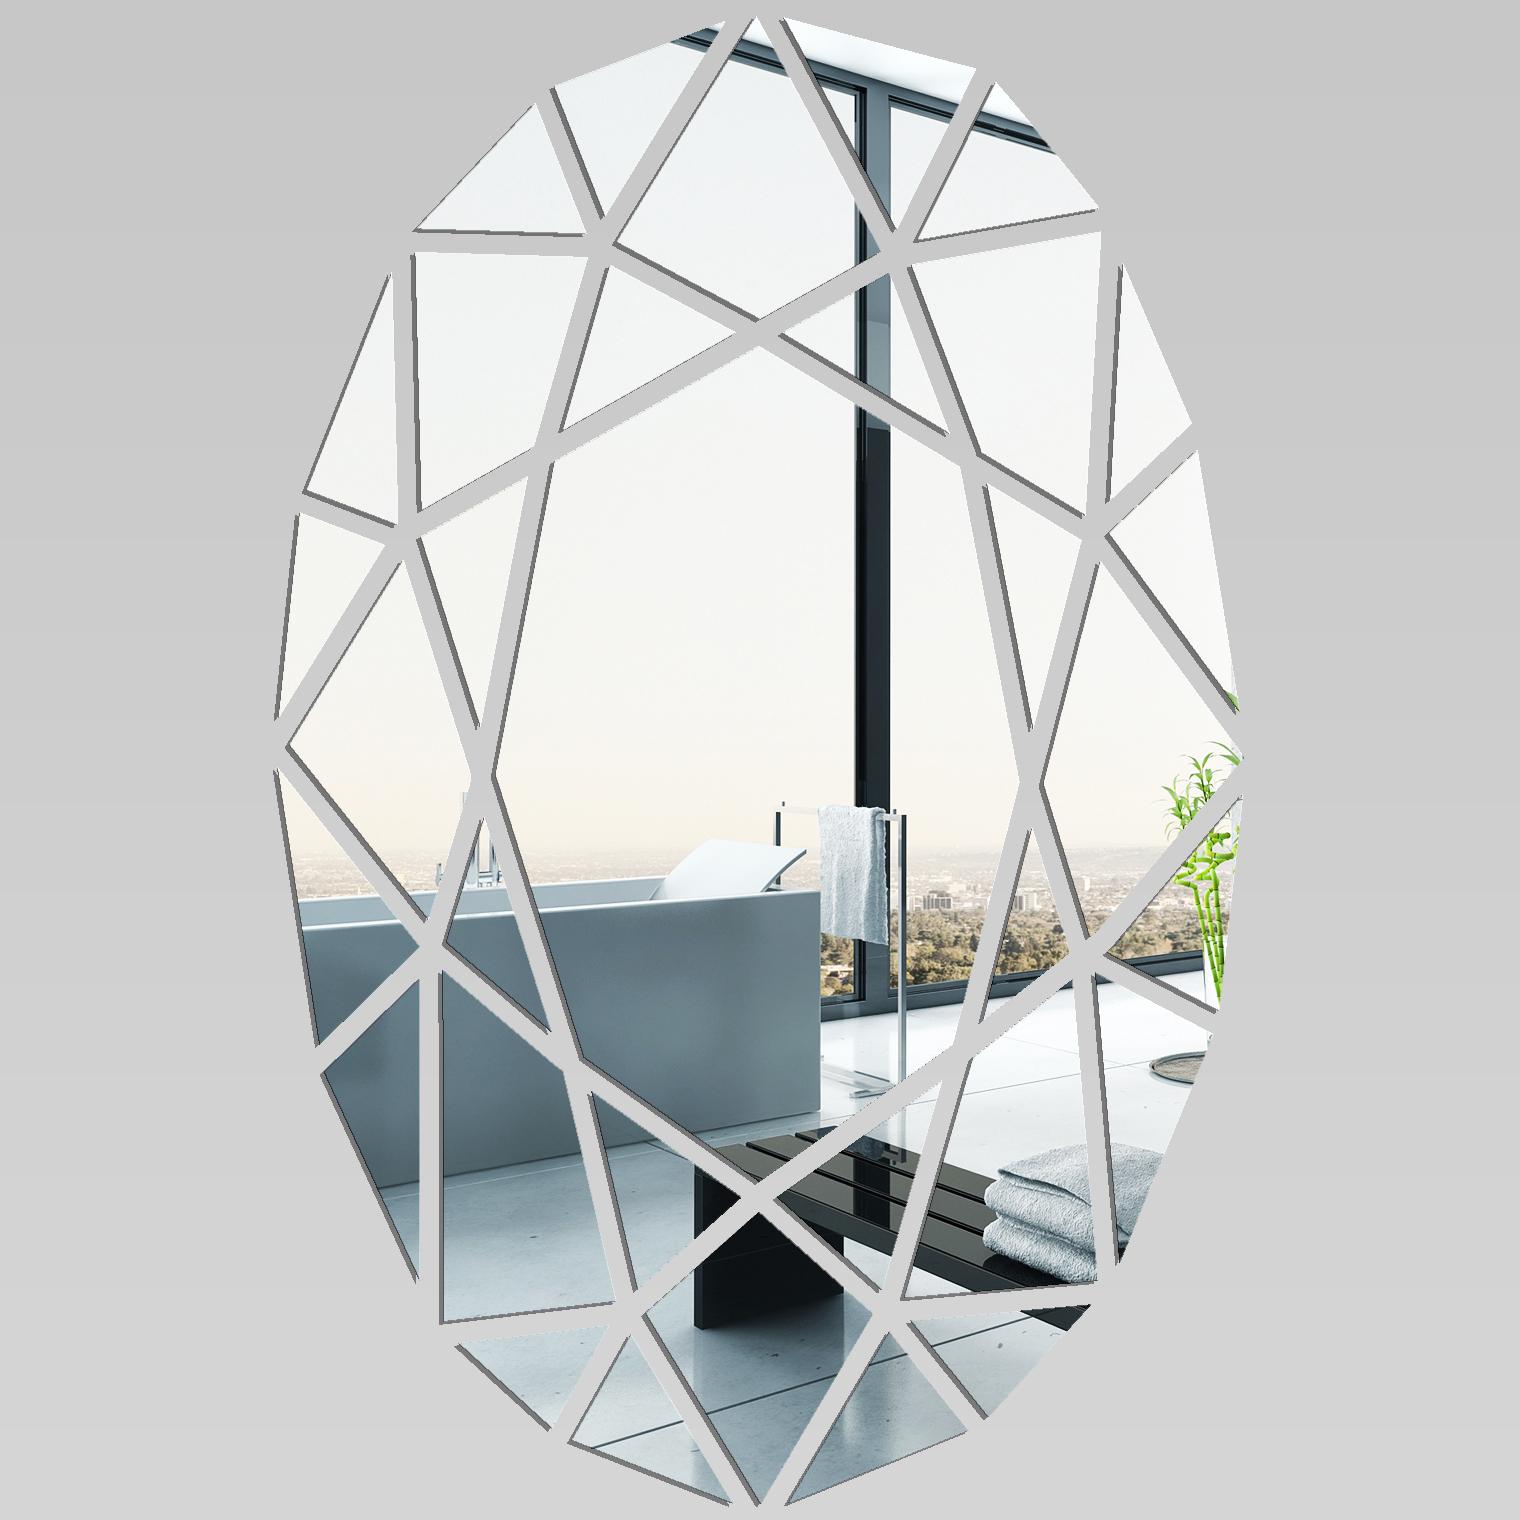 Autocolantes decorativos espelho decorativo mosaico for Rouleau autocollant miroir